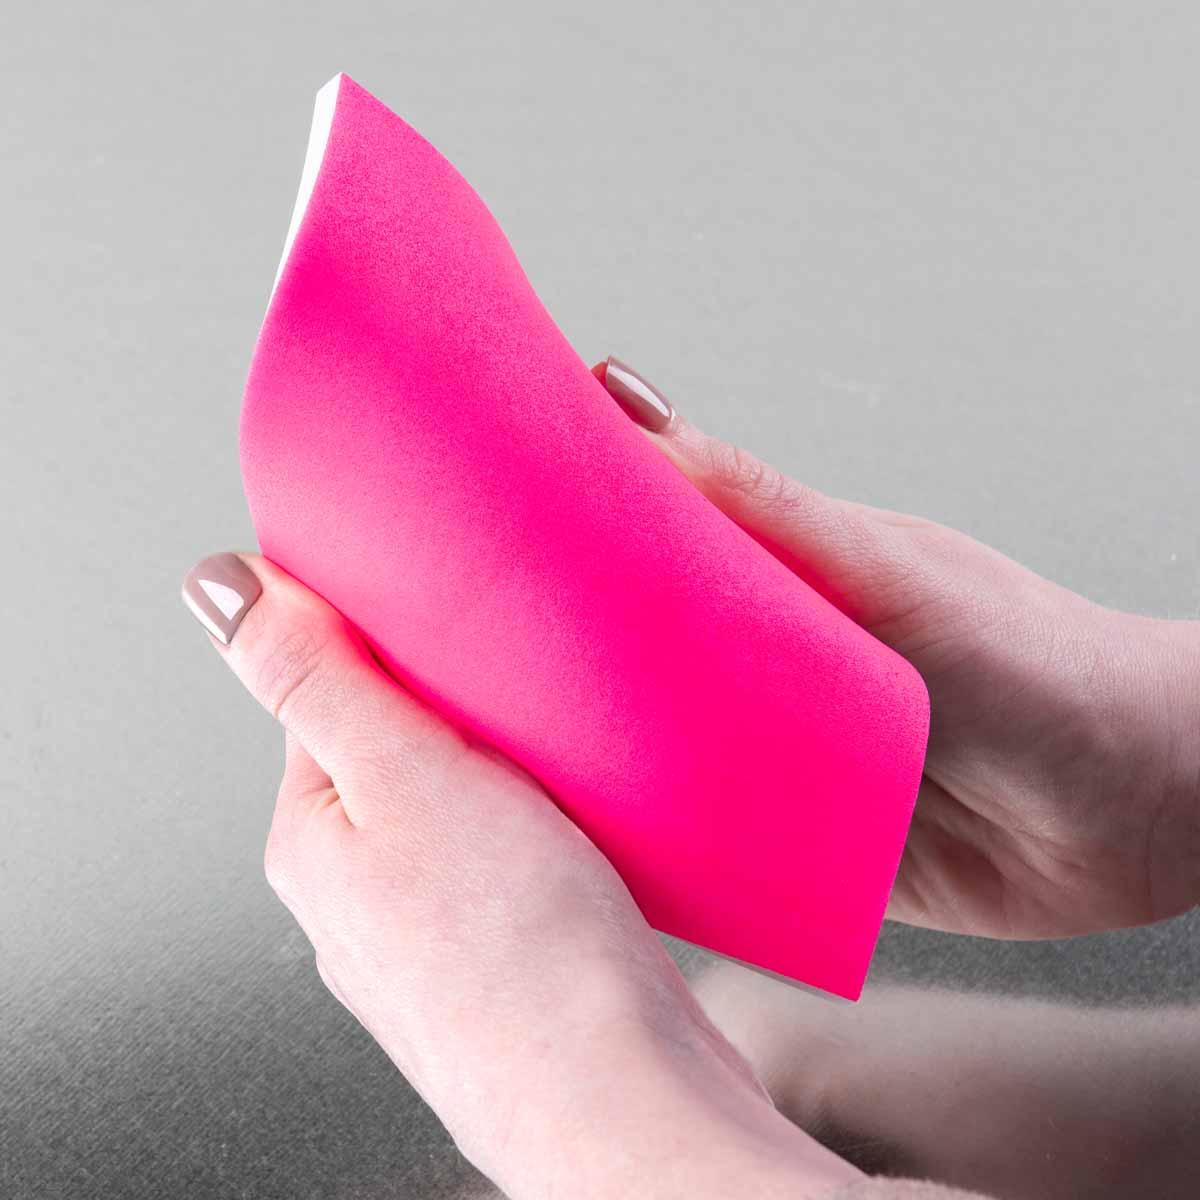 PlaidFX Nuclear Neon Flexible Acrylic Paint - Shocker, 3 oz. - 36879